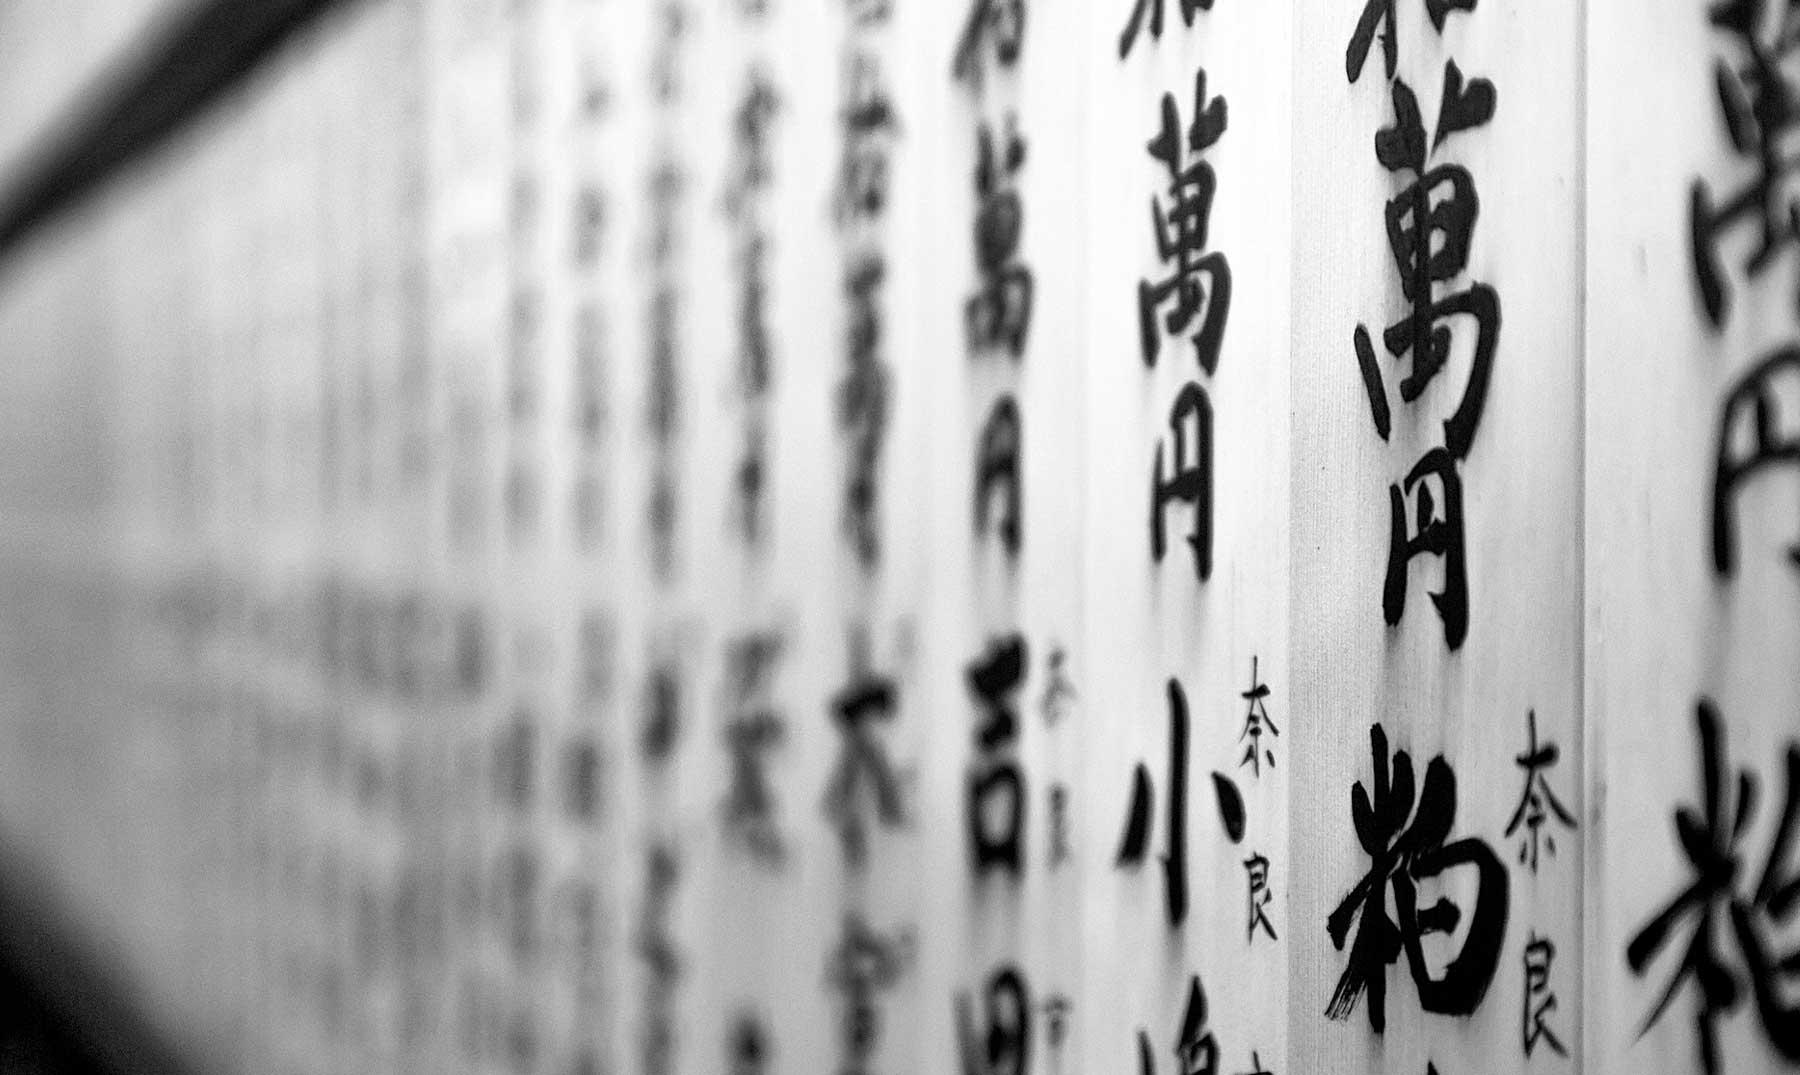 aplicaciones para aprender japonés